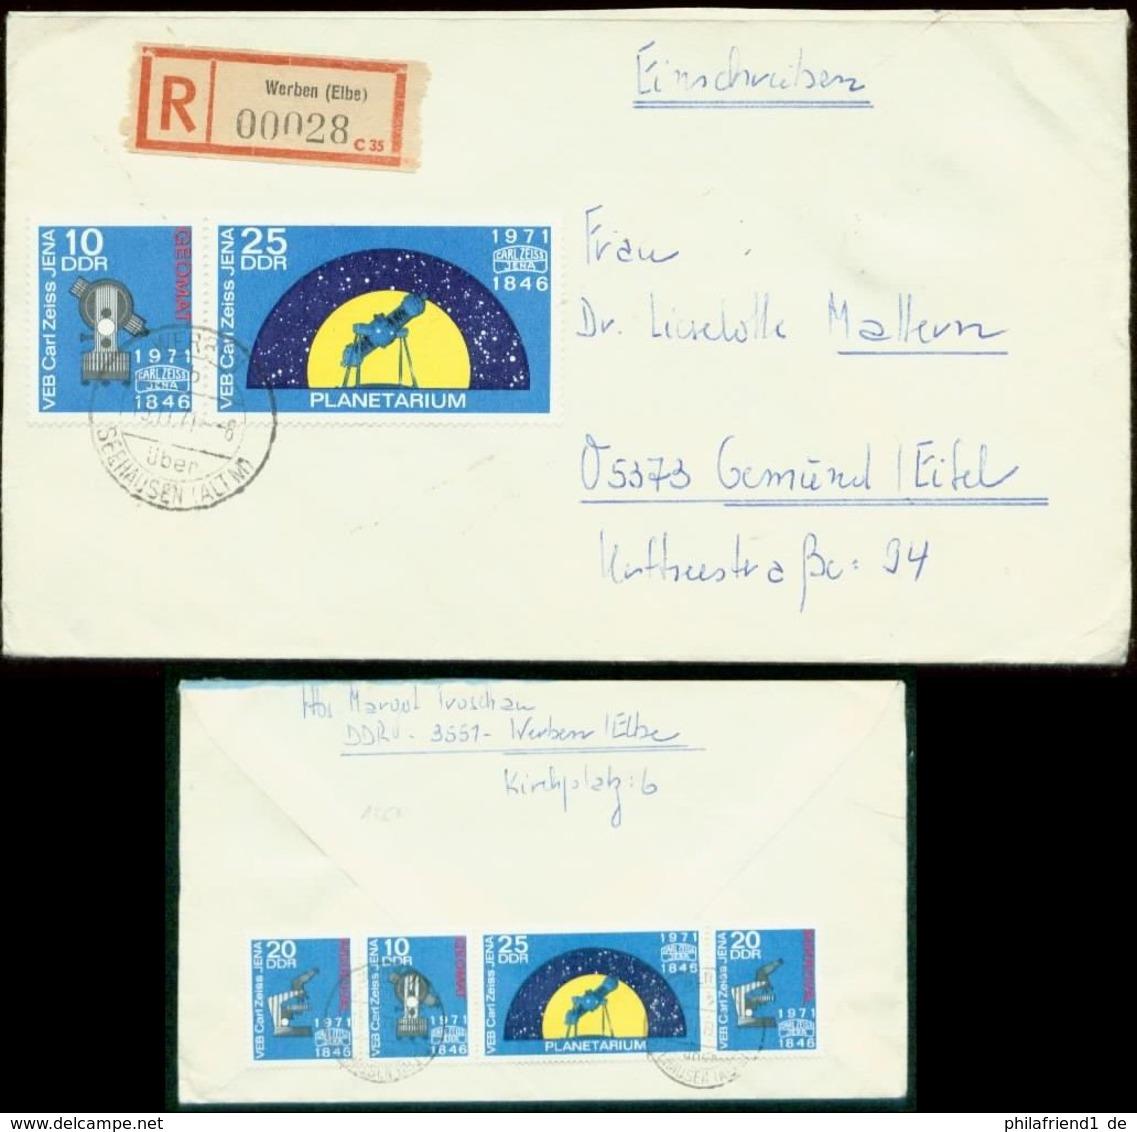 S7444 - DDR Planetarium ZD Auf R - Briefumschlag:gebraucht Werben Elbe - Gemünd Eifel 1971, Bedarfserhaltung. - [6] Democratic Republic